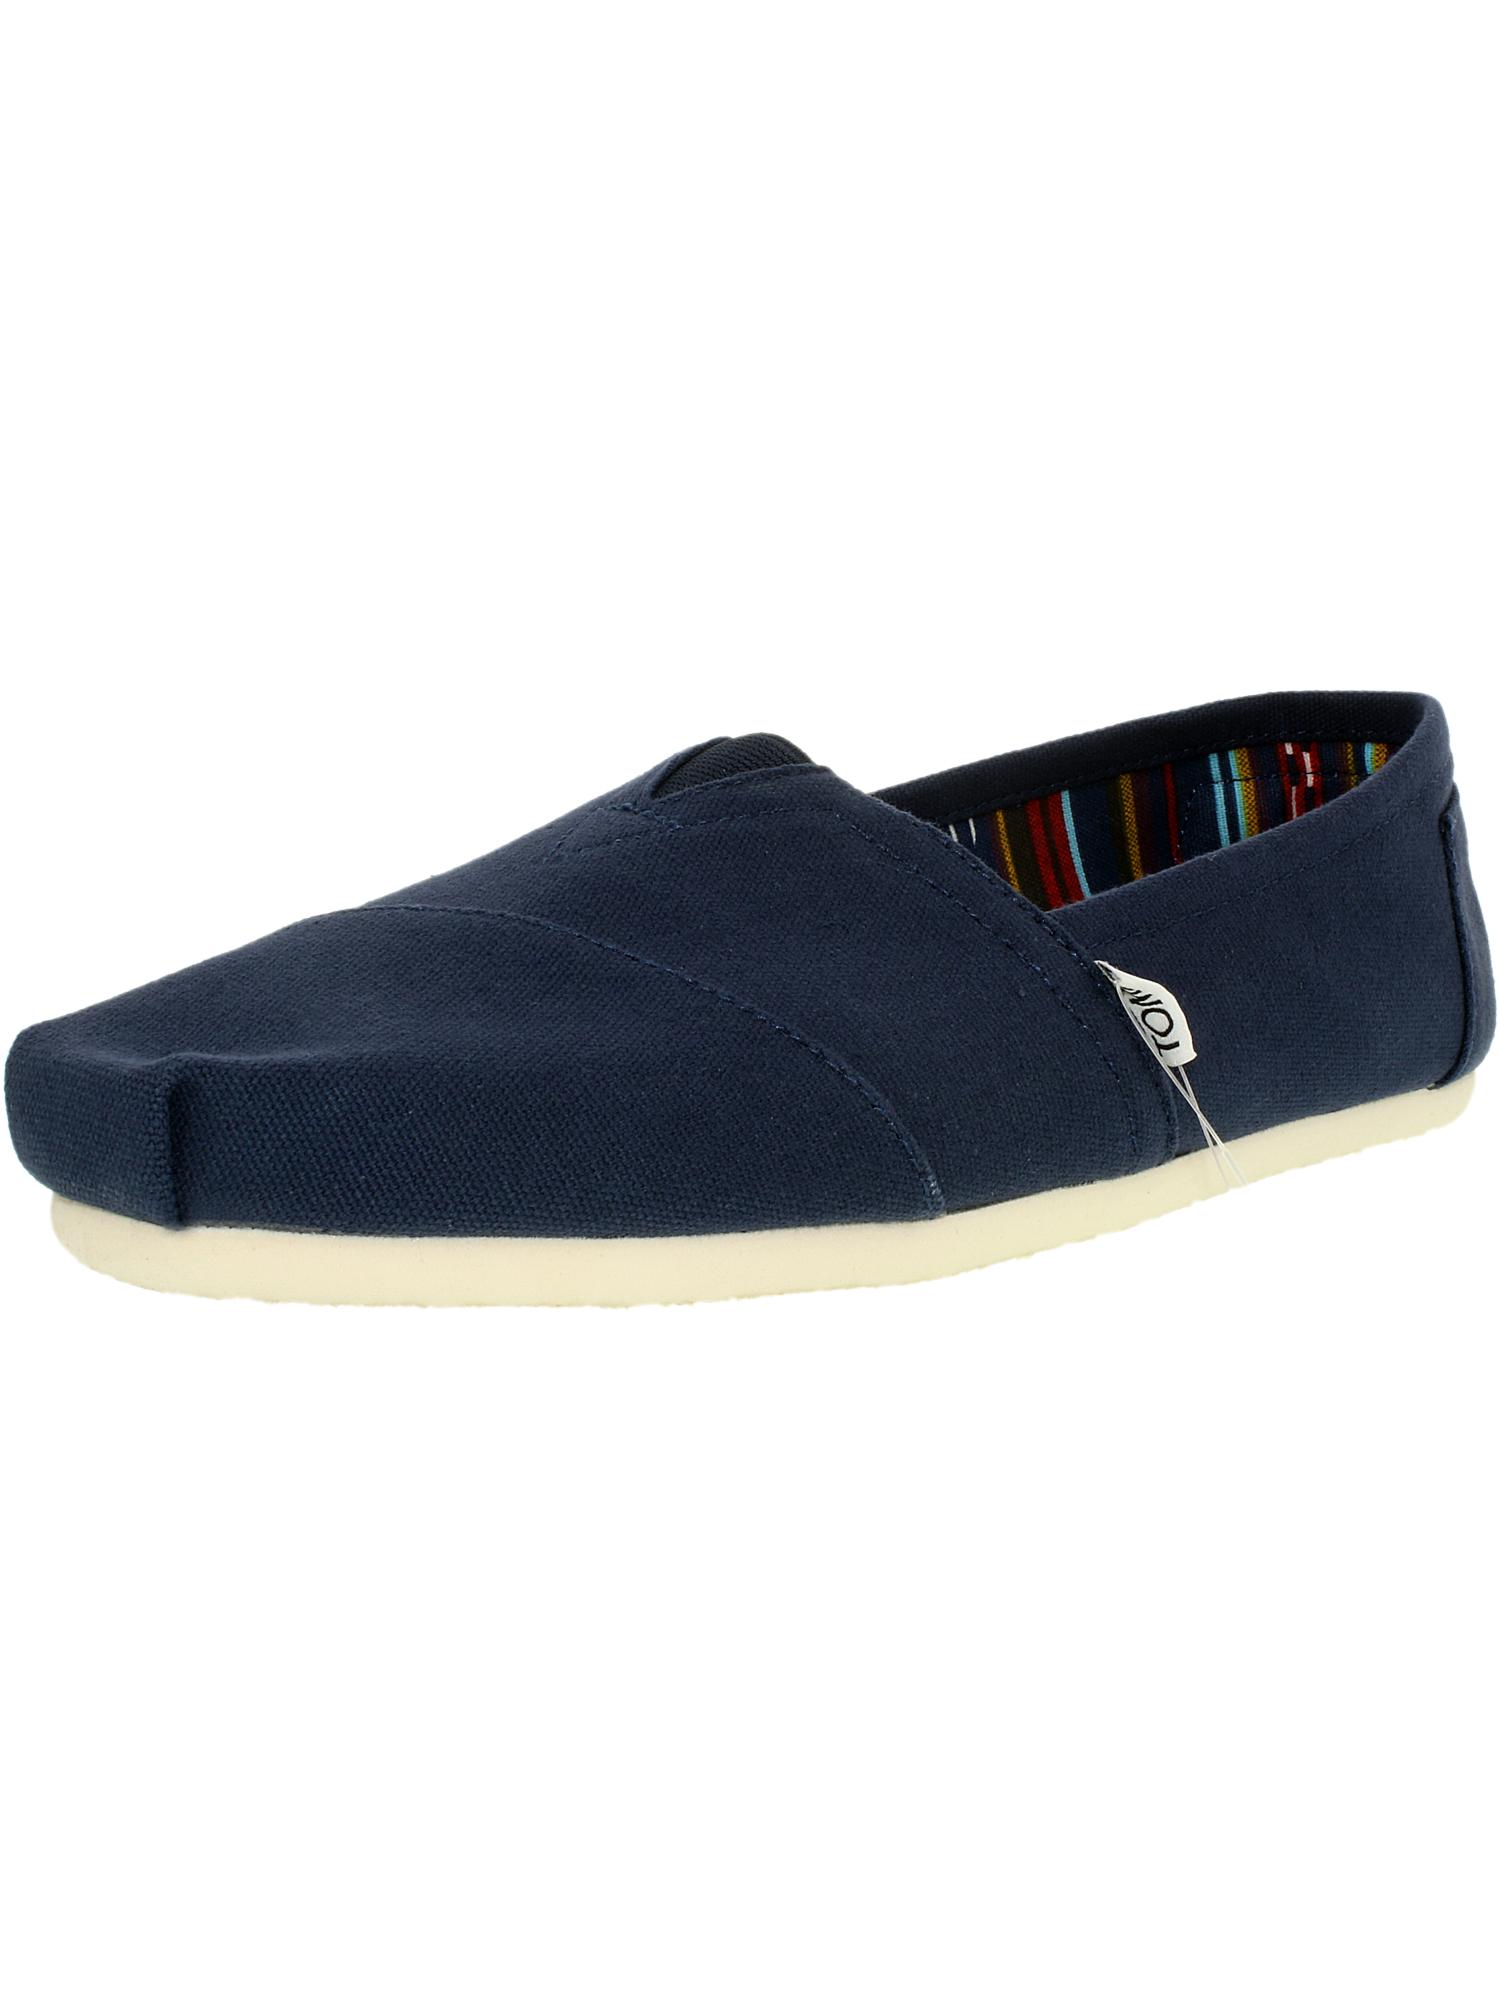 2e9d73f2ce8 Toms Men s Alpargata Canvas Ankle-High Flat Shoe